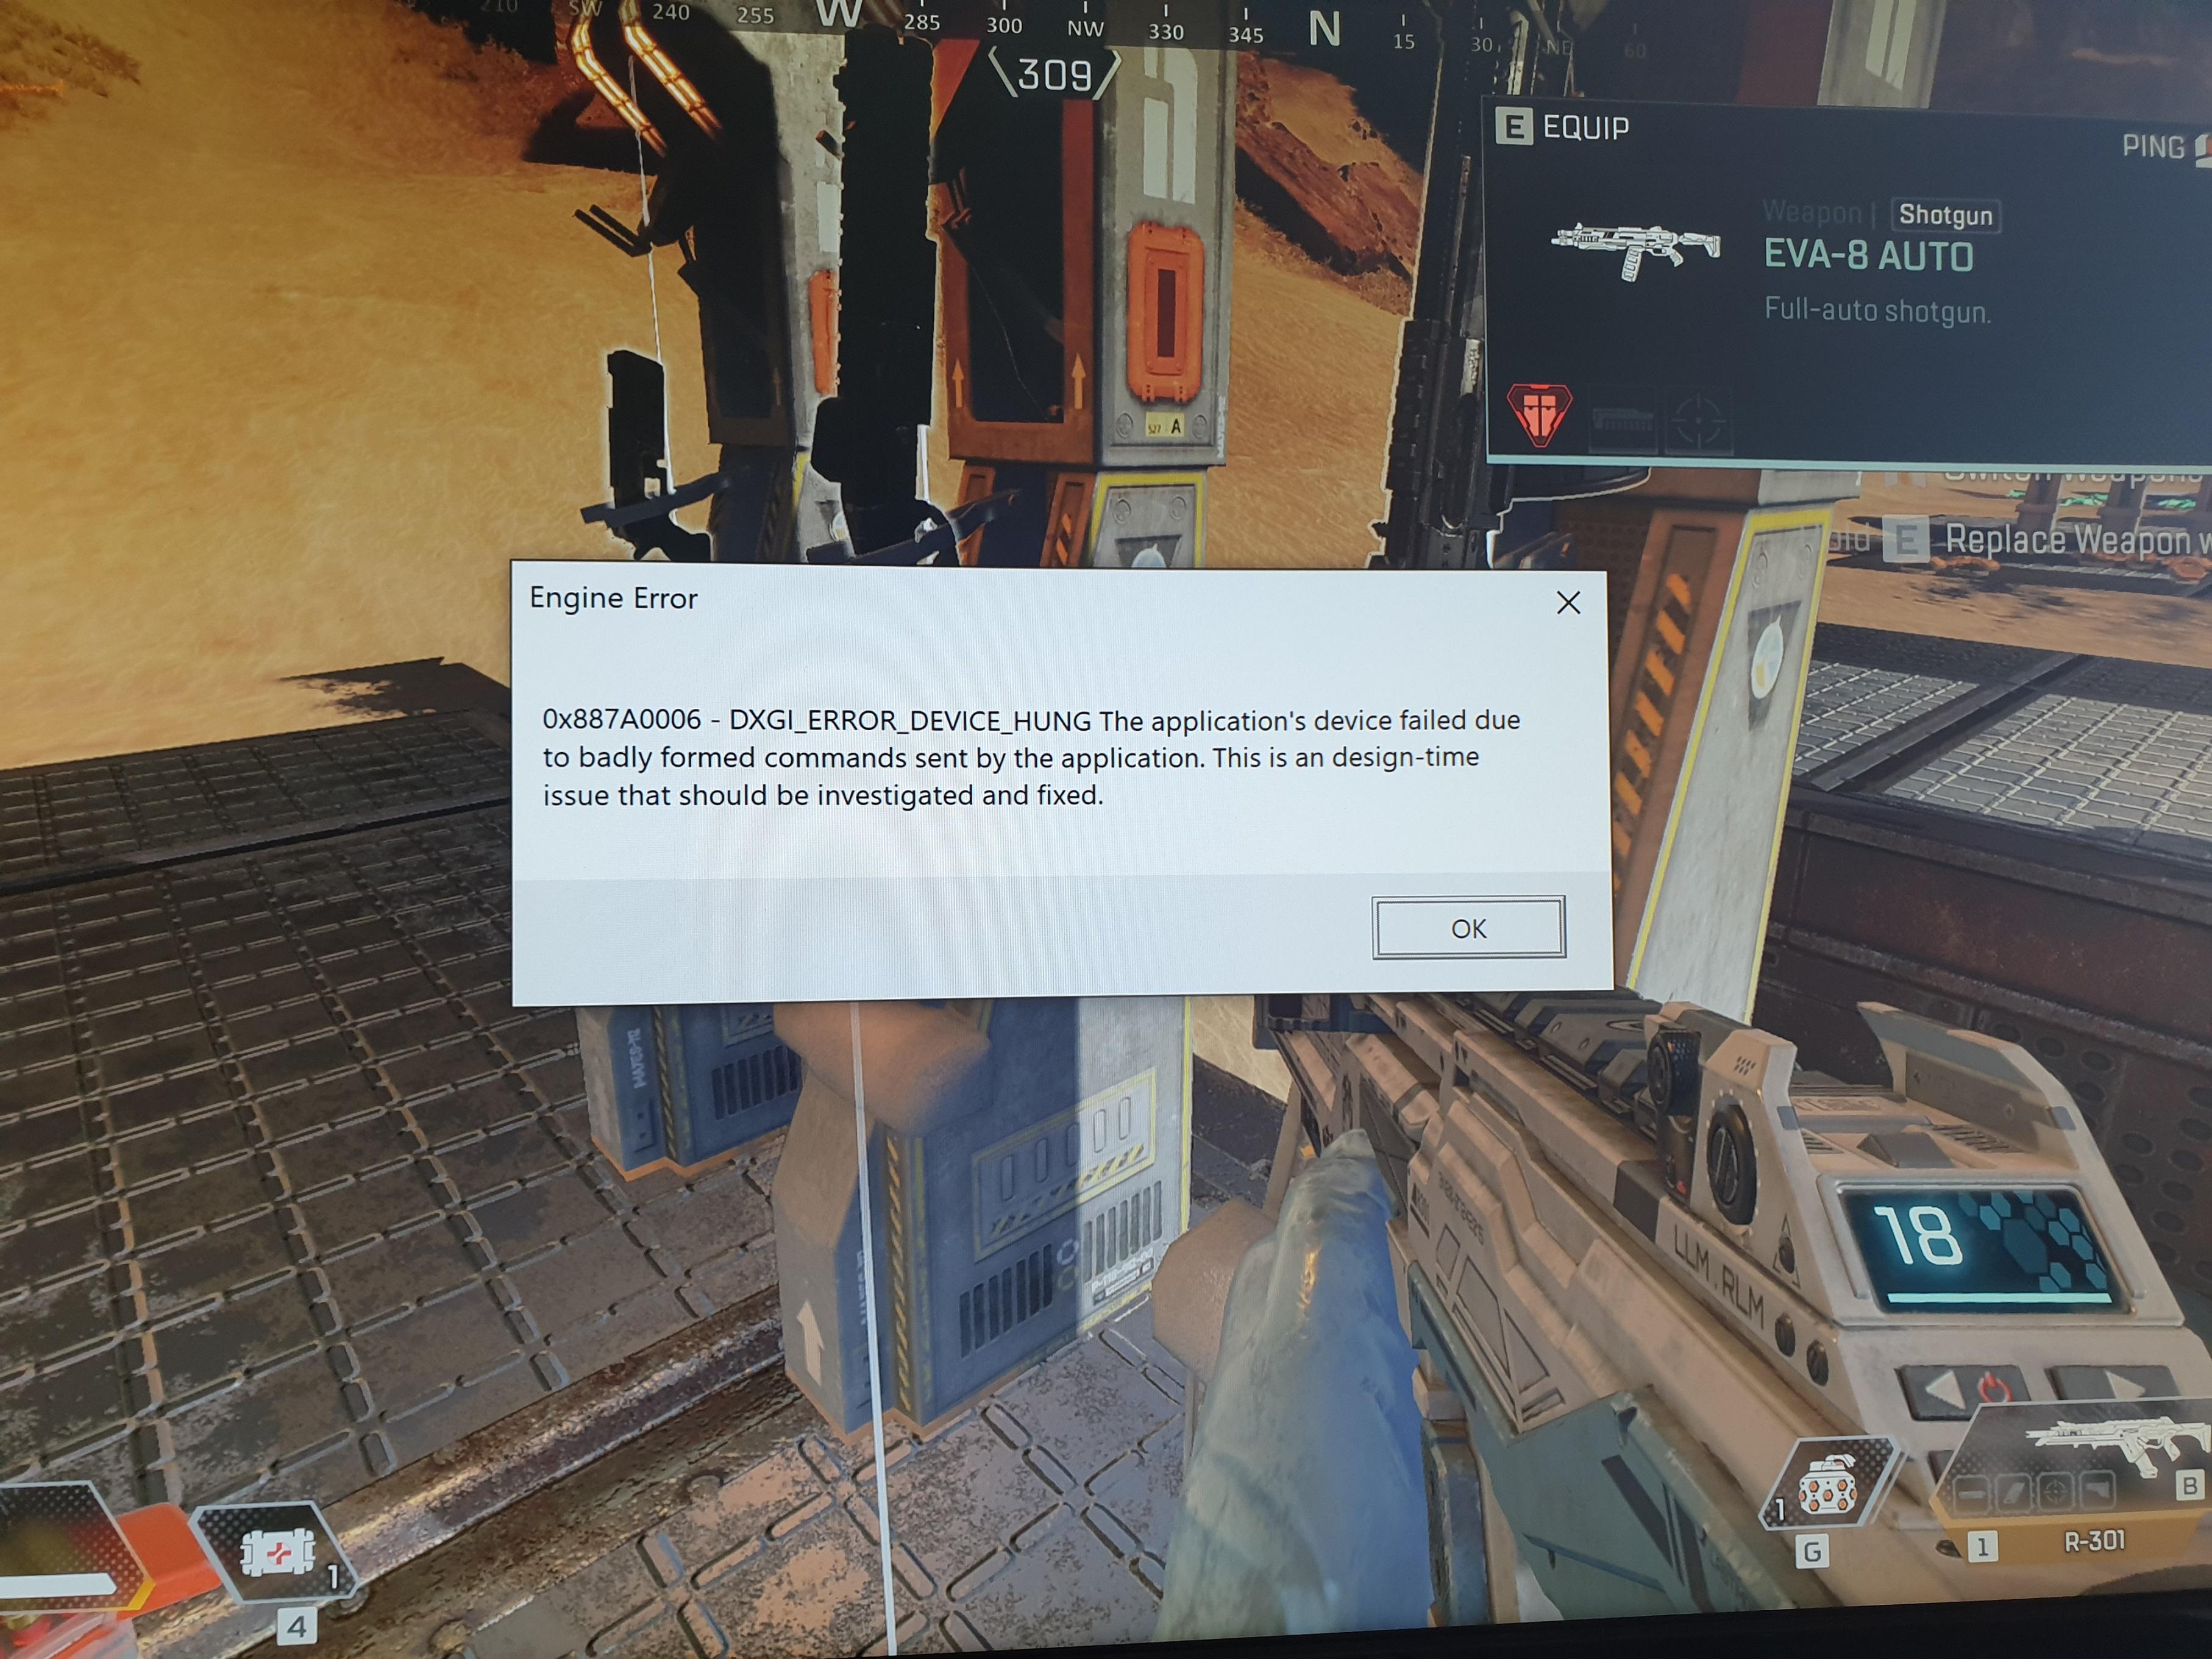 Apex Legends crash - Page 3 - Answer HQ